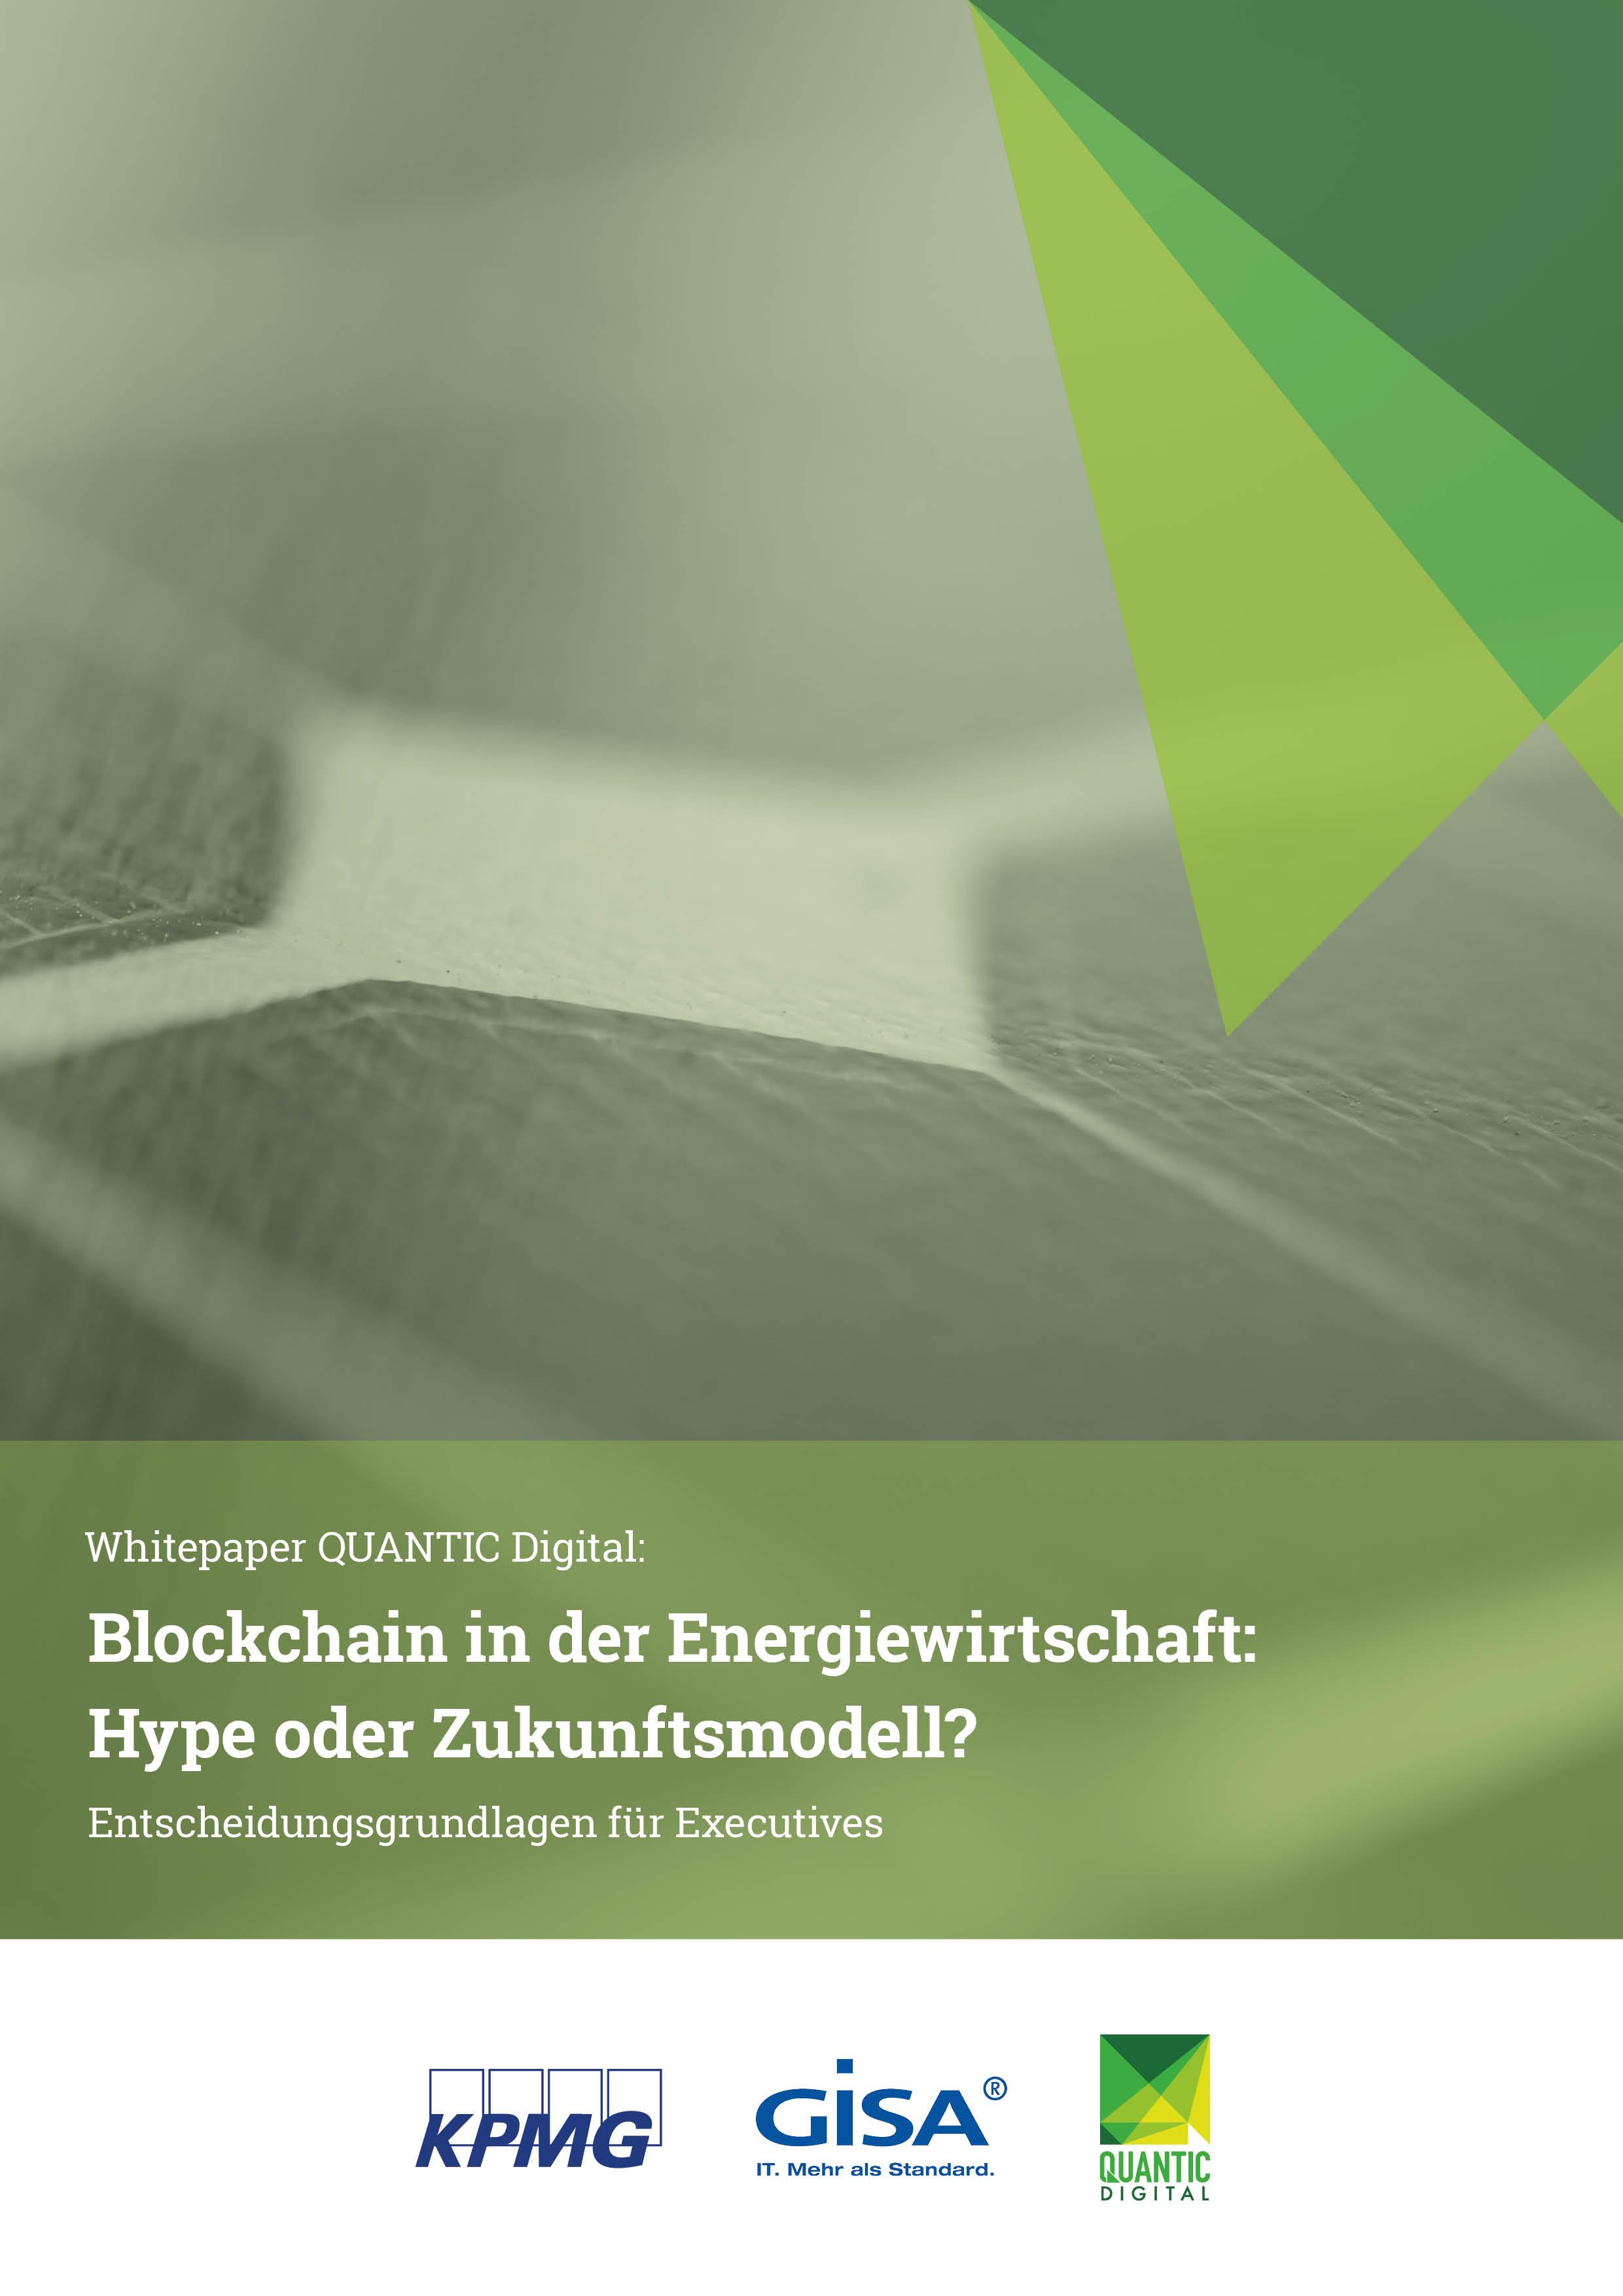 Whitepaper - Blockchain in der Energiewirtschaft: Hype oder Zukunftsmodell?